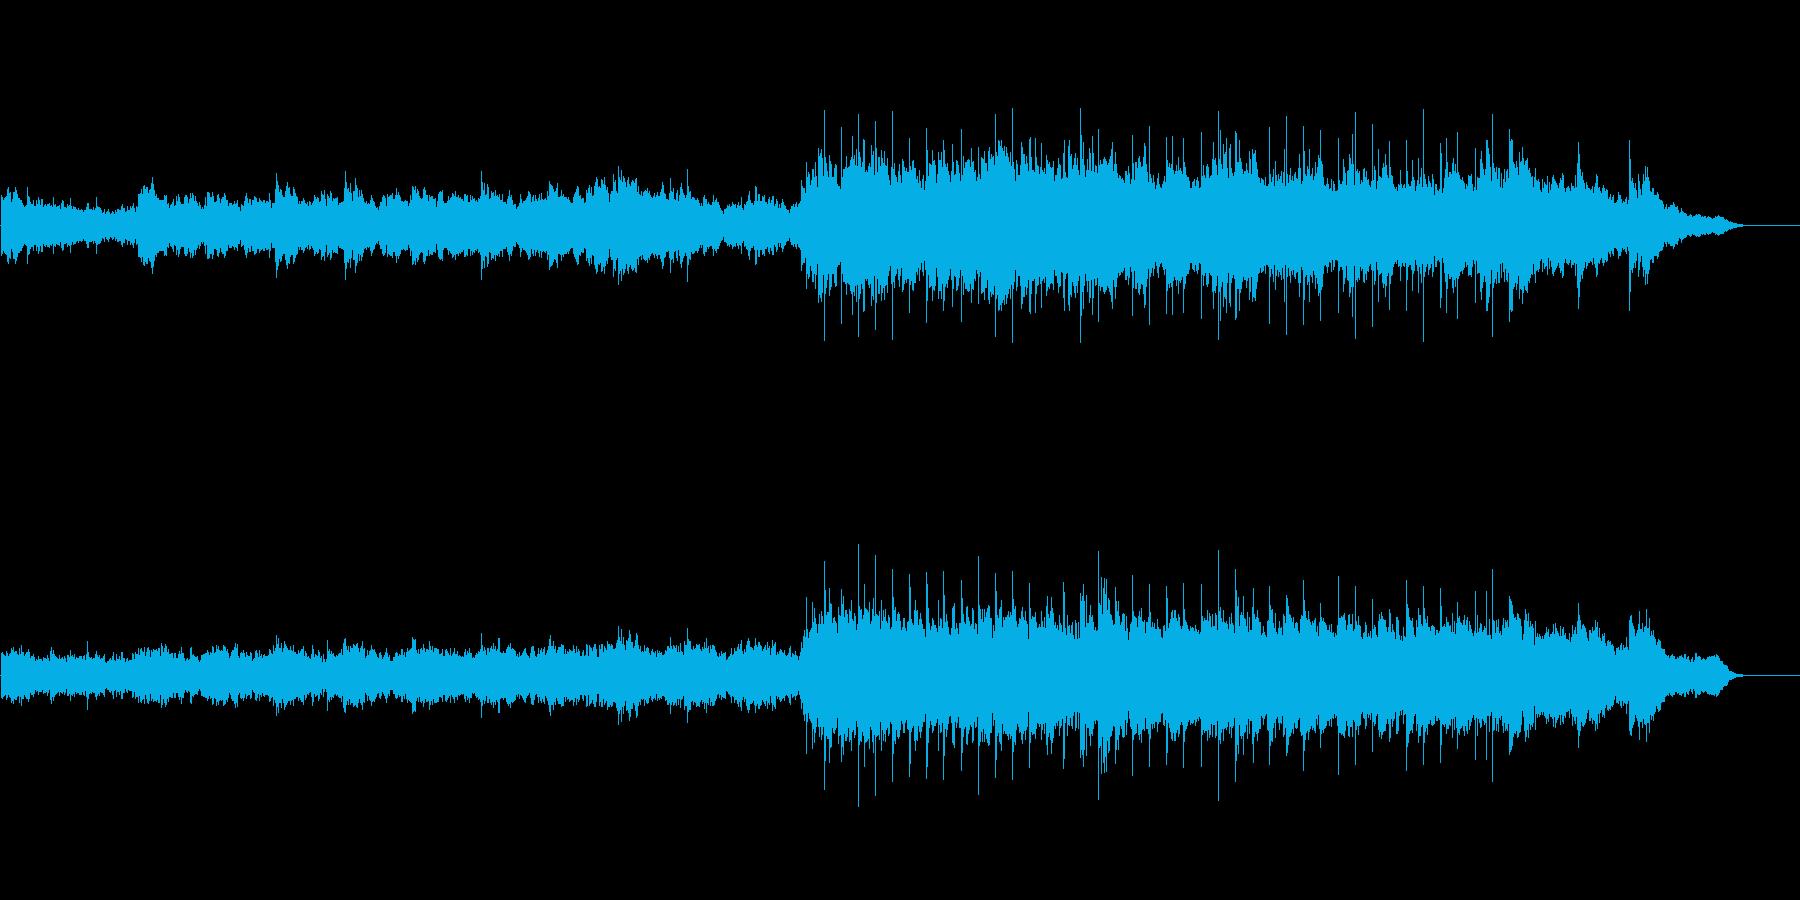 前向き、勇敢→キラキラ明るい オケBGMの再生済みの波形